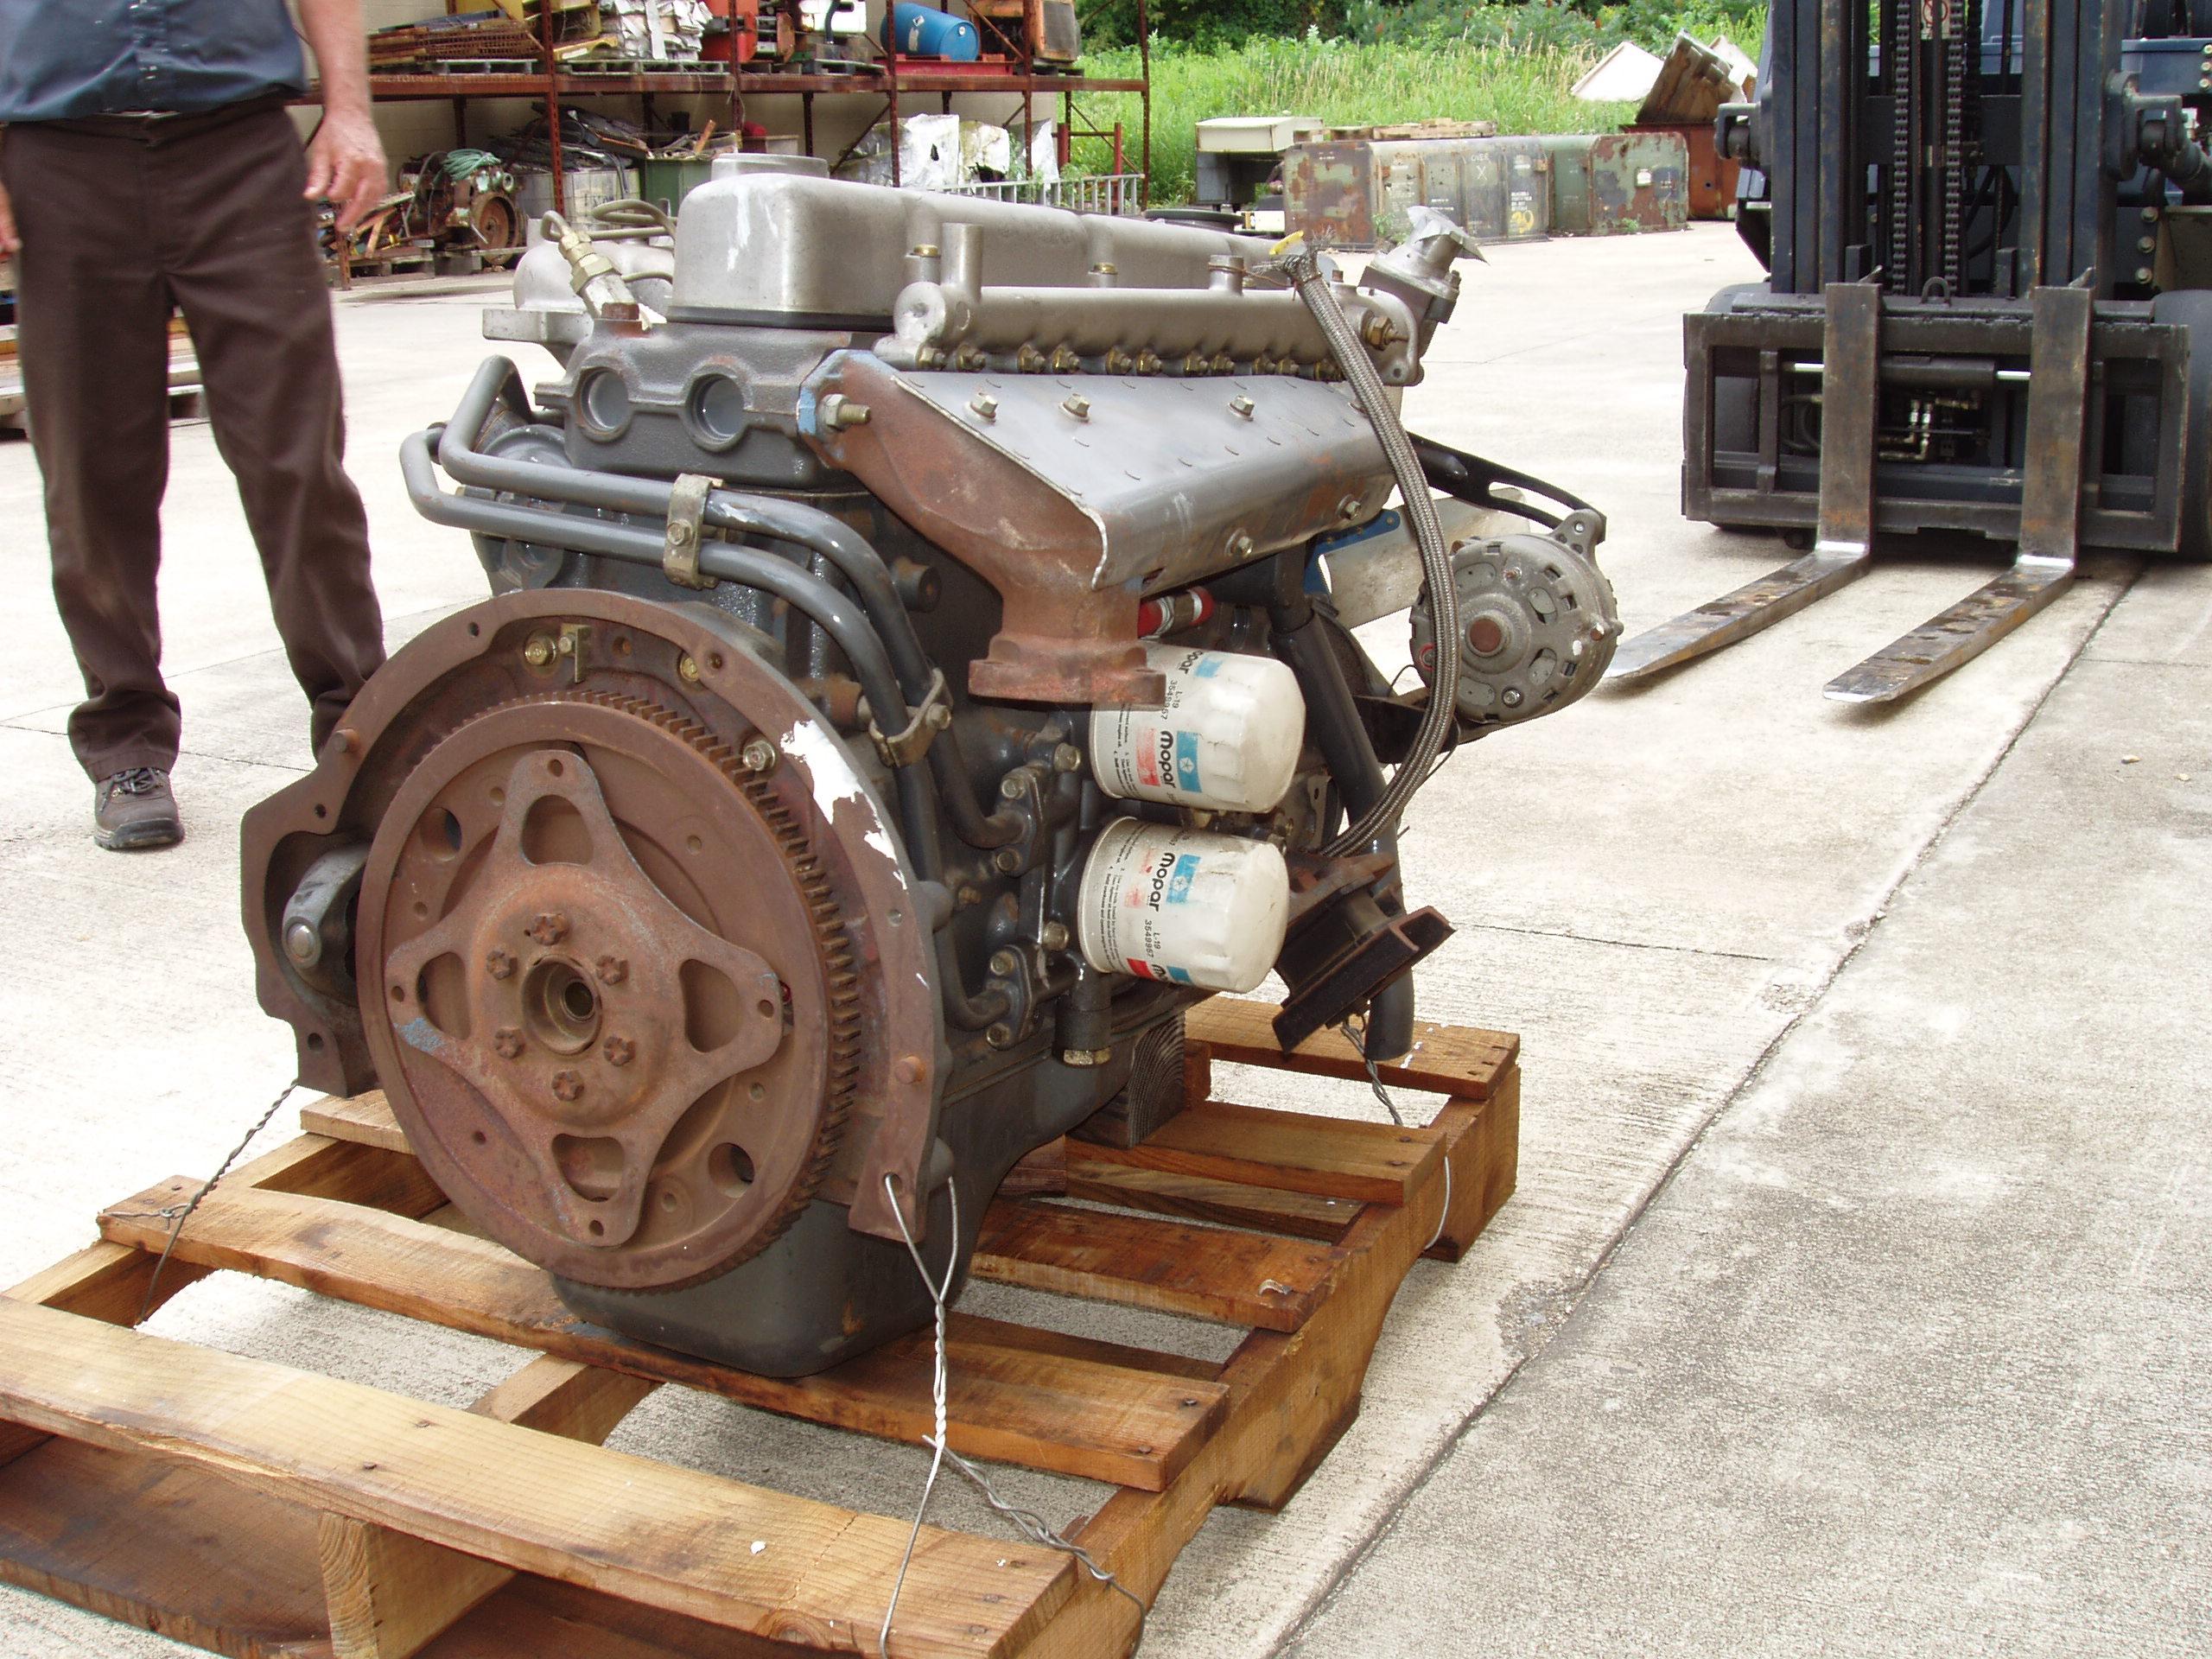 6DR diesel Mitsubishi